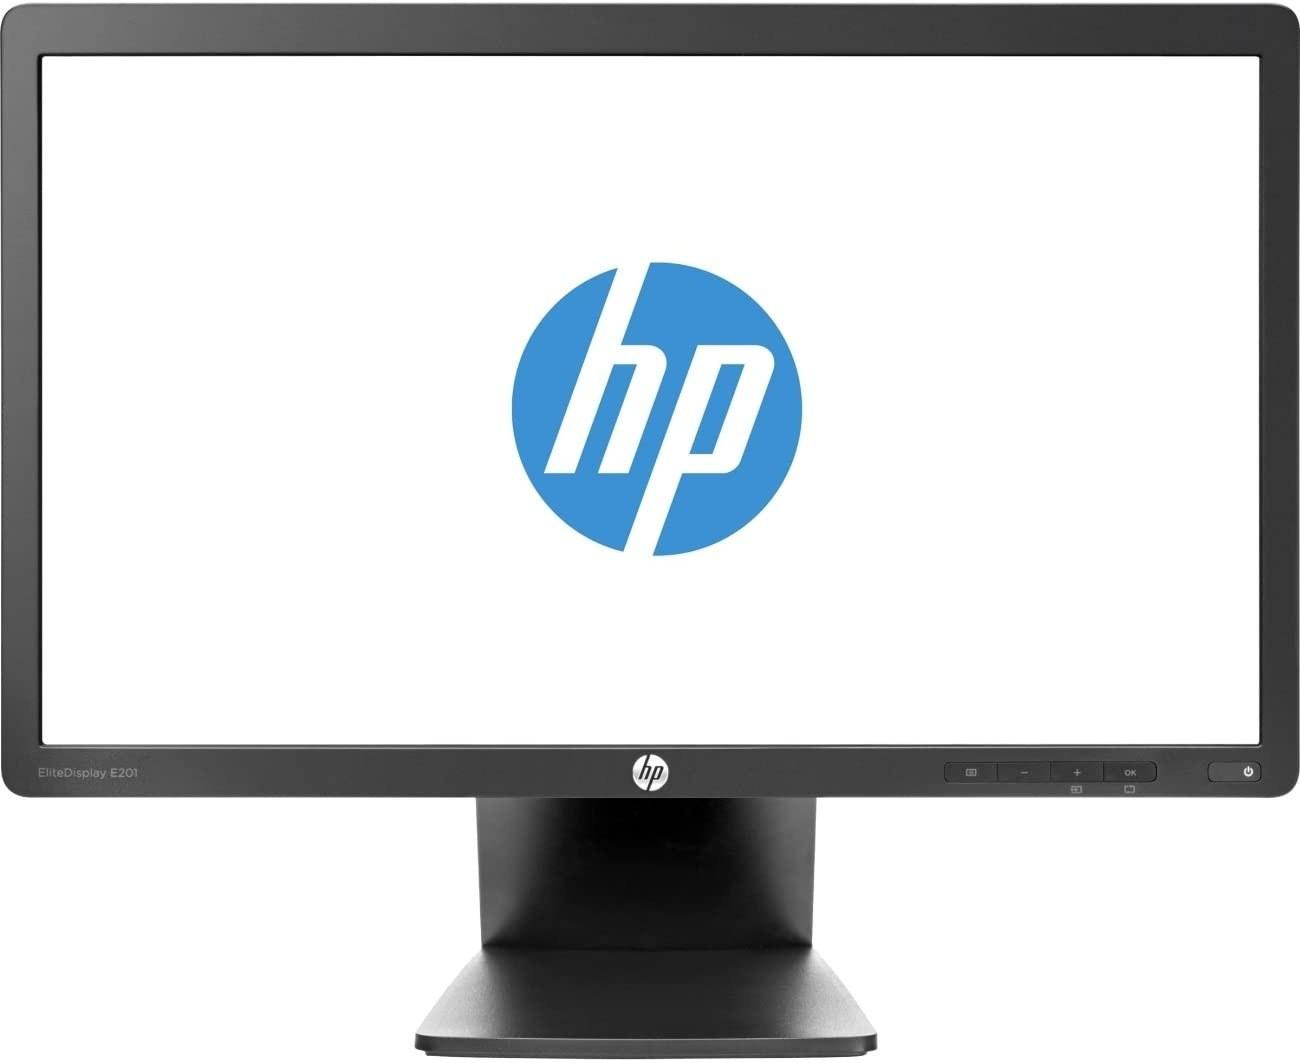 مانیتور  اچ پی HP eliteDisplay E201